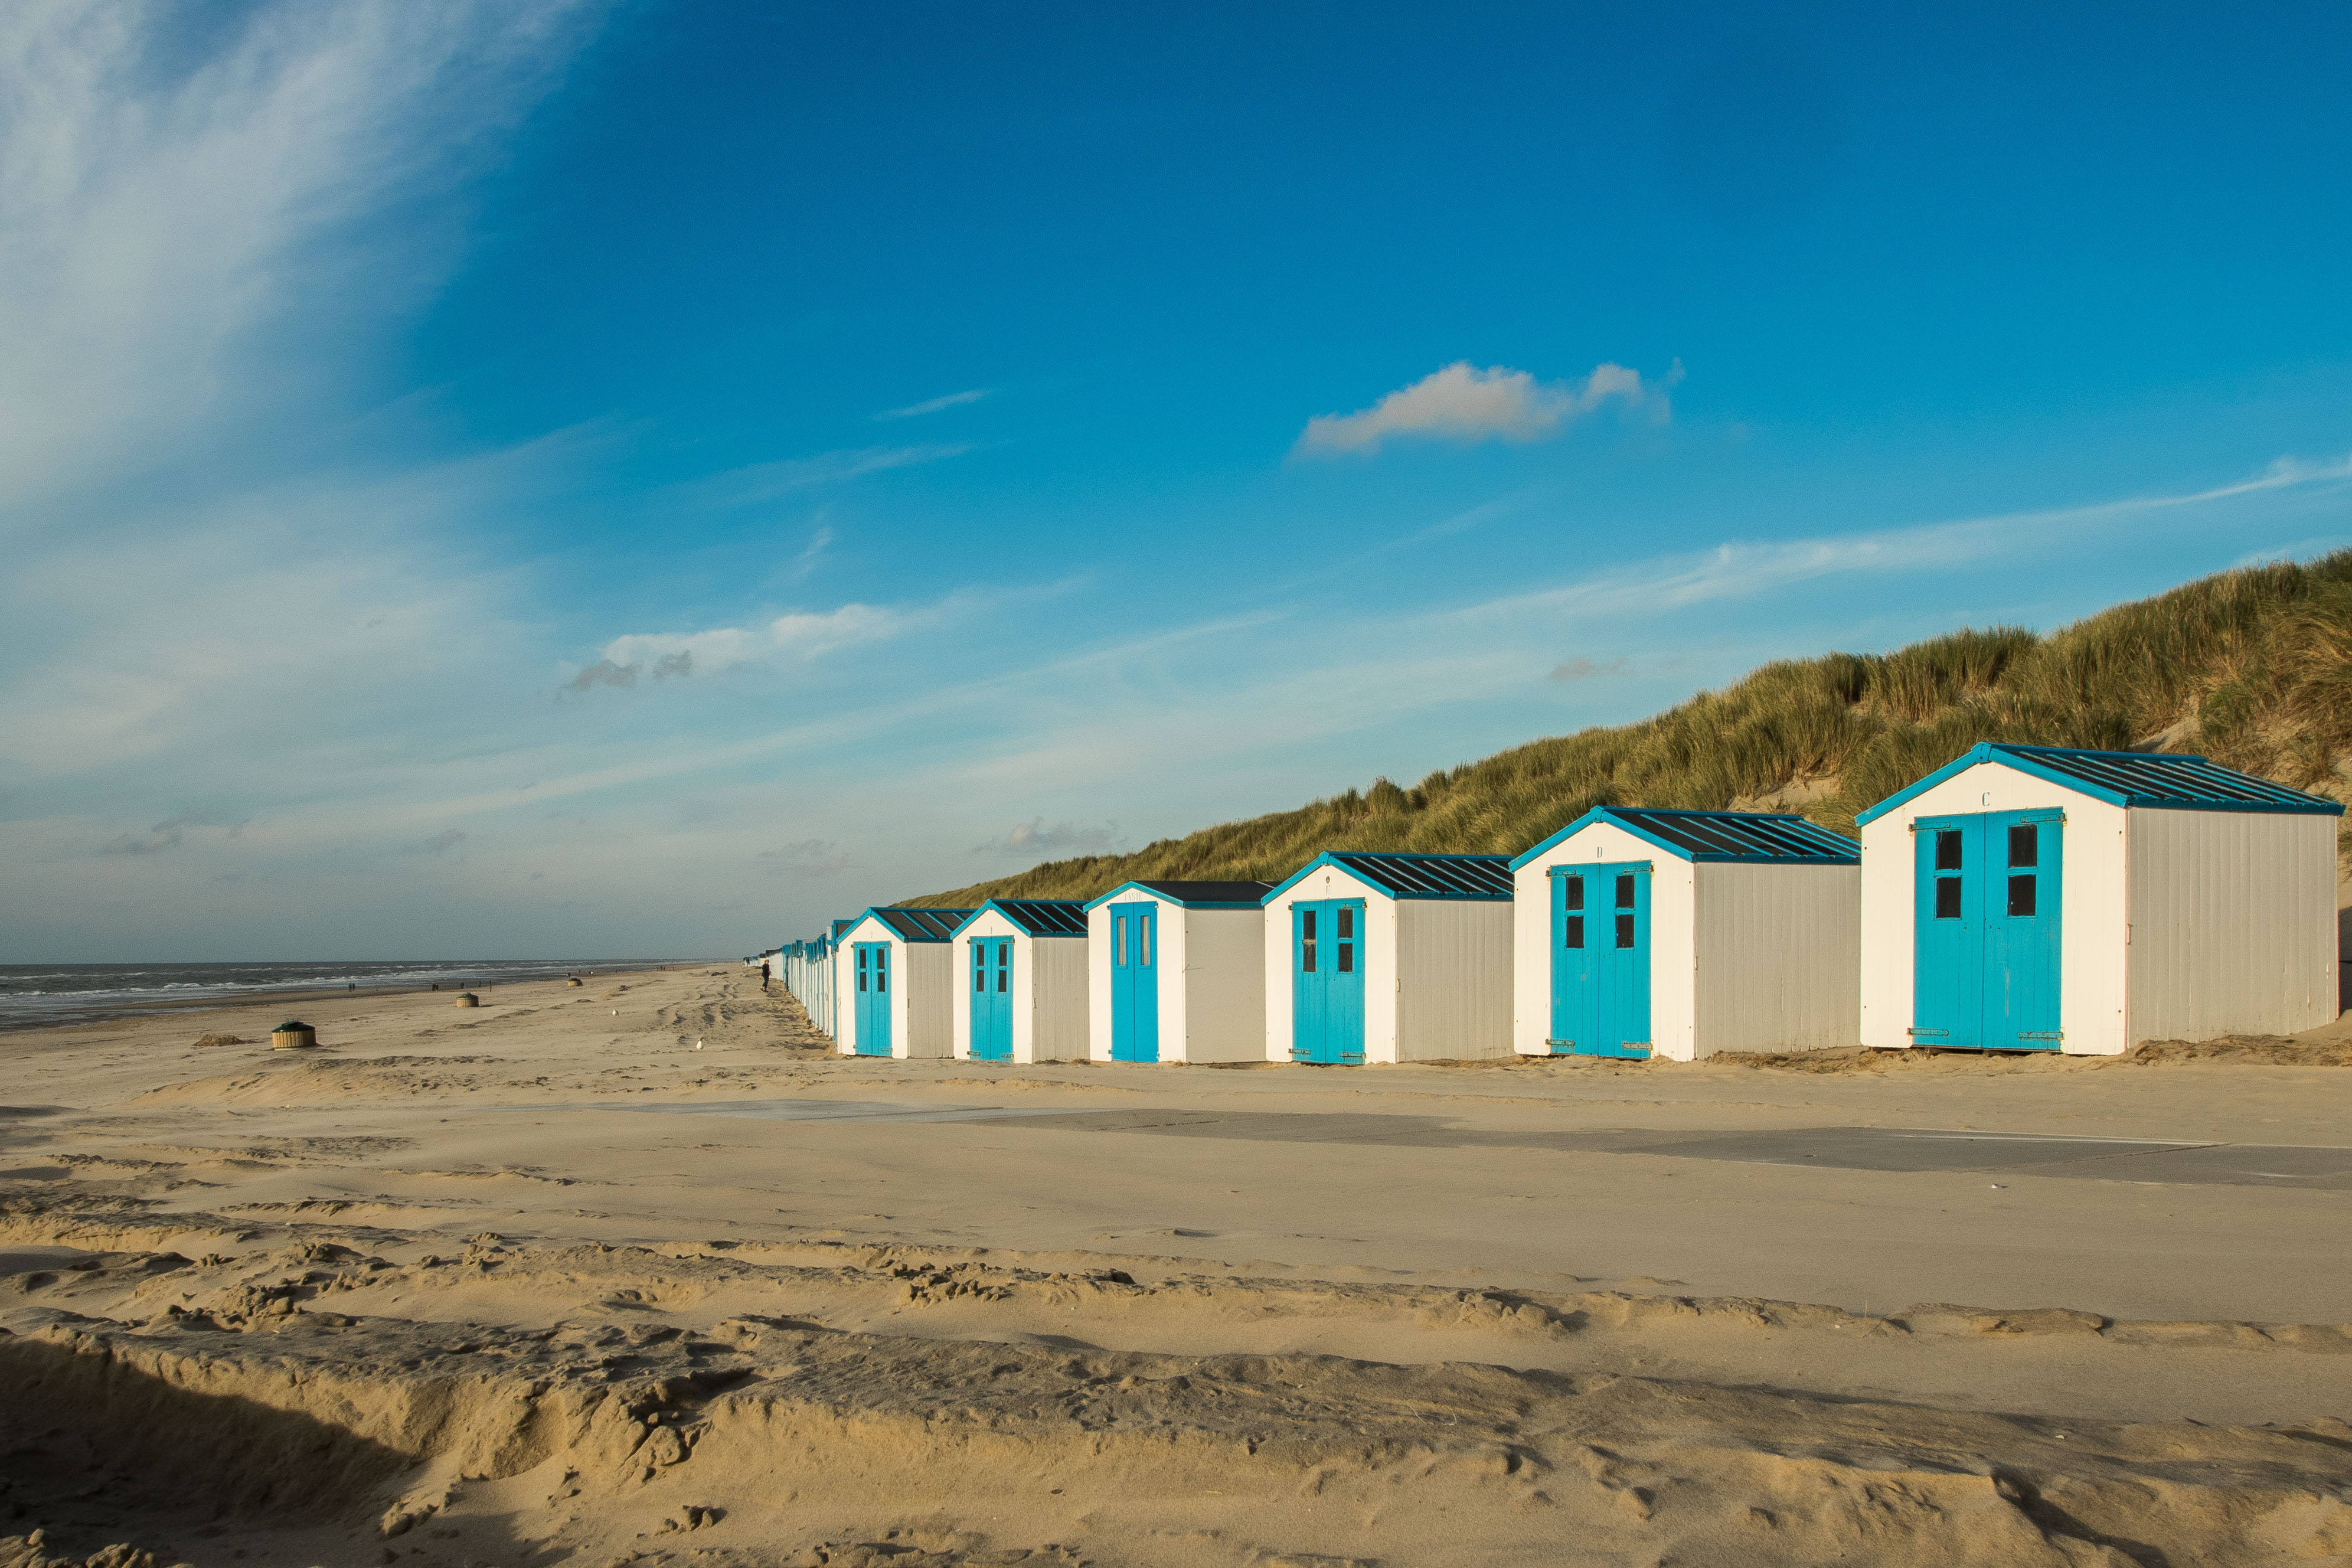 Strandhuisjes bij De Koog VVV Texel fotograaf Charles van Veen